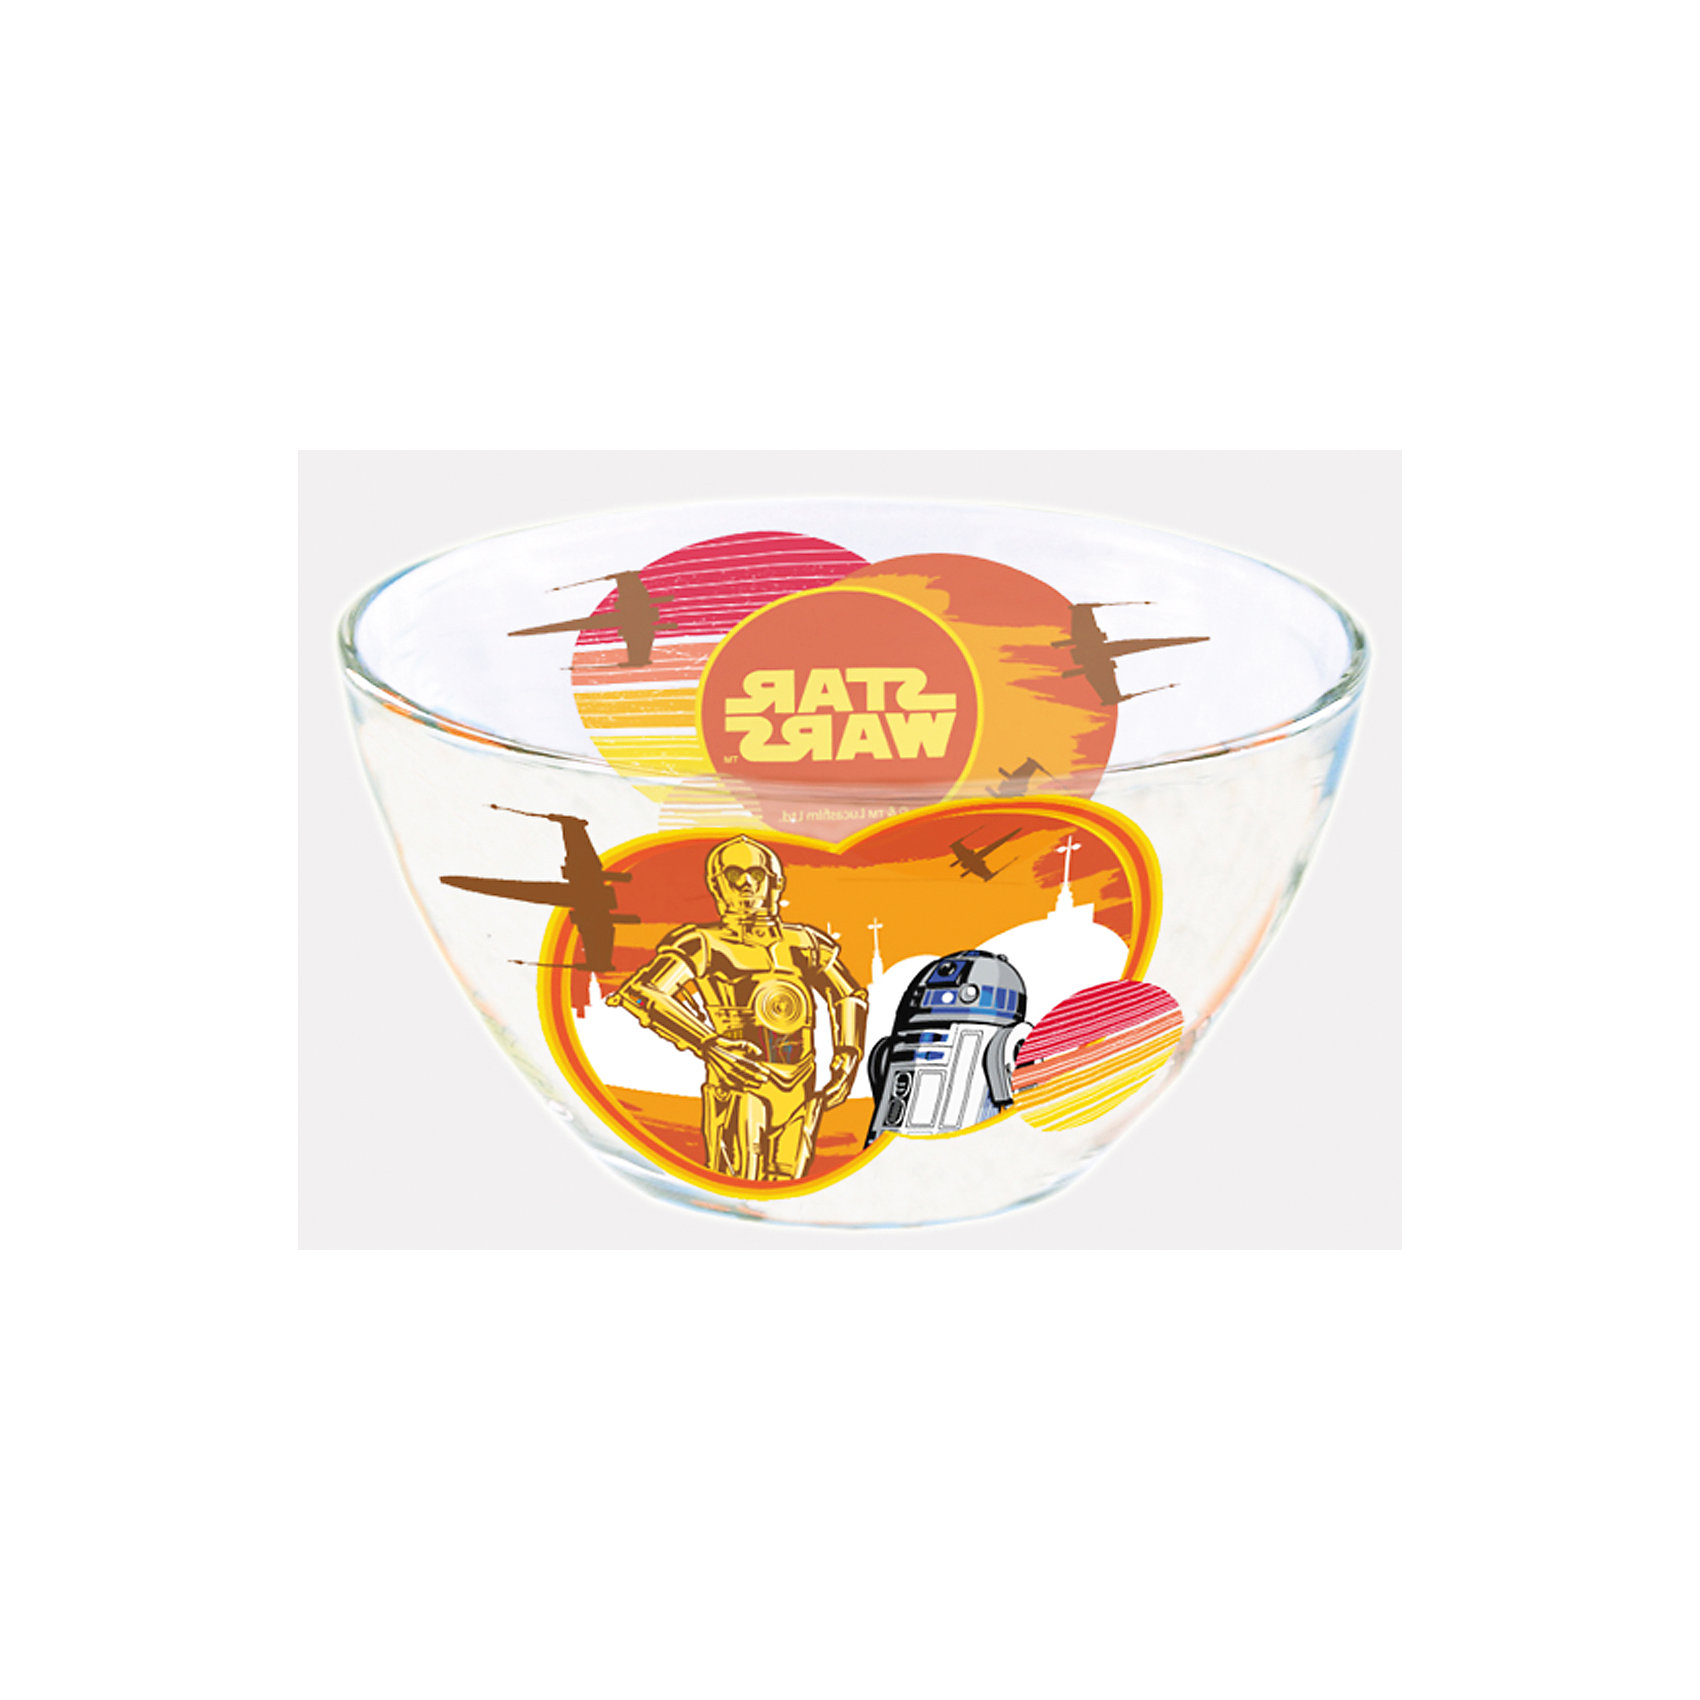 Салатник Роботы (стекло, диаметр 13 см), Звездные войныЗвездные войны<br>Салатник Роботы (стекло, диаметр 13 см), Звездные войны – это отличный подарок для фаната вселенной Star Wars.<br>Стеклянный салатник Роботы, оформленный ярким красочным рисунком  с изображением дроидов R2-D2 и C-3PO героев киносаги «Звездные войны» и надписью «Star Wars», идеально подойдет для повседневного использования. Салатник изготовлен из безопасного качественного материала.<br><br>Дополнительная информация:<br><br>- Диаметр: 13 см.<br>- Глубина: 7 см.<br>- Цвет рисунка: оранжевый<br>- Материал: стекло<br><br>Салатник Роботы (стекло, диаметр 13 см), Звездные войны можно купить в нашем интернет-магазине.<br><br>Ширина мм: 130<br>Глубина мм: 130<br>Высота мм: 70<br>Вес г: 280<br>Возраст от месяцев: 36<br>Возраст до месяцев: 144<br>Пол: Унисекс<br>Возраст: Детский<br>SKU: 4536262